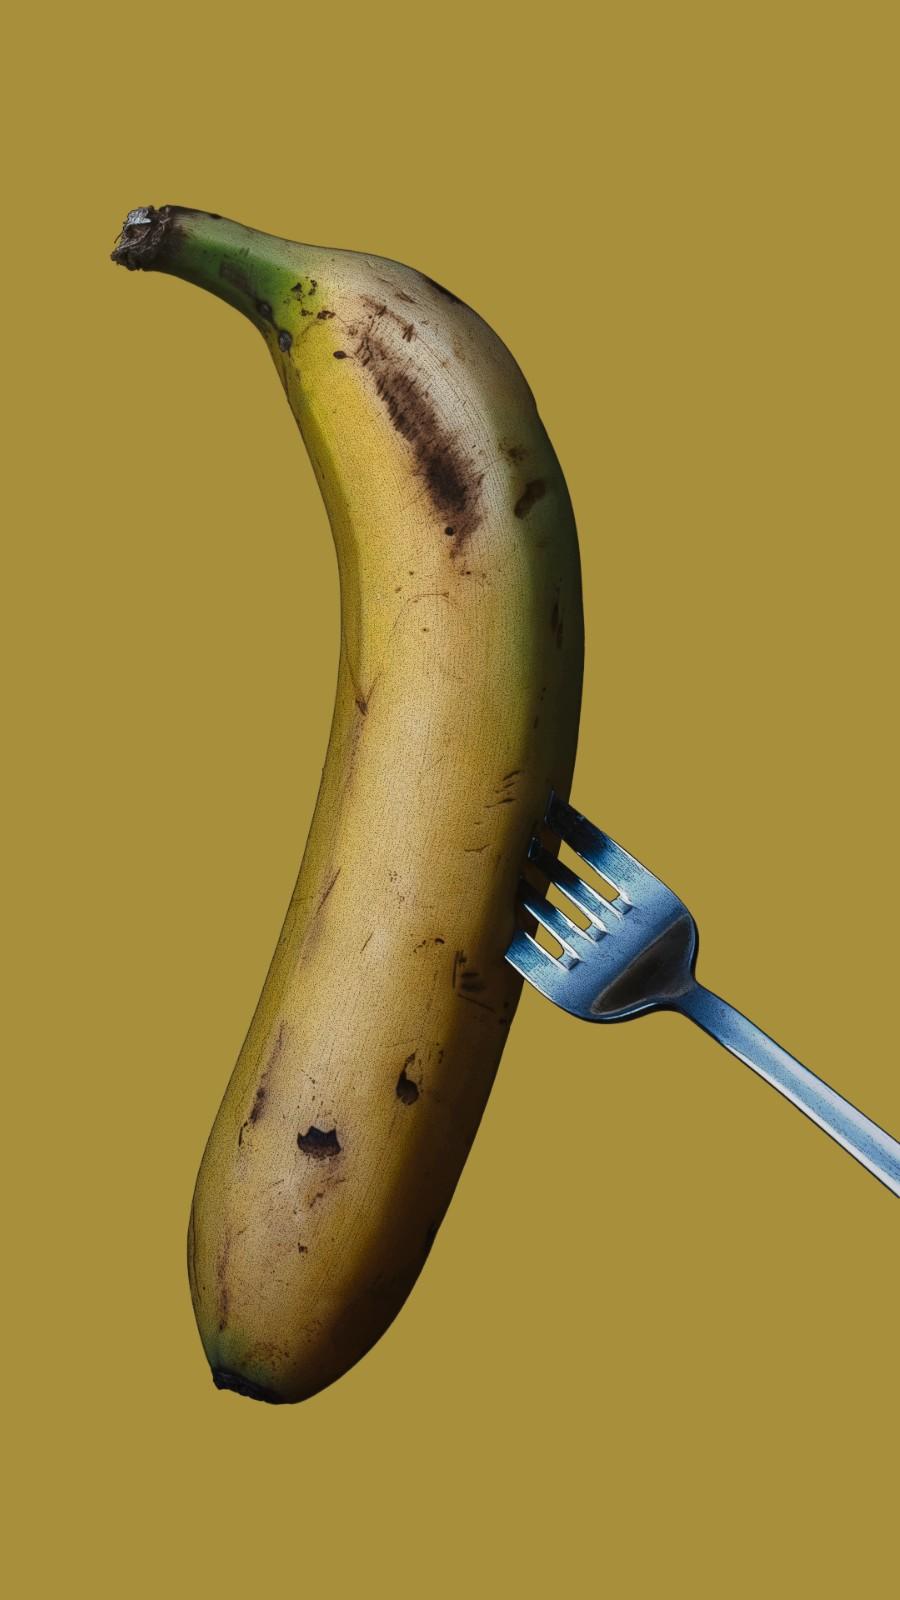 Le petit-déjeuner bizarre de la princesse Anne, une banane mûre sur une fourchette sur un fond jaune.